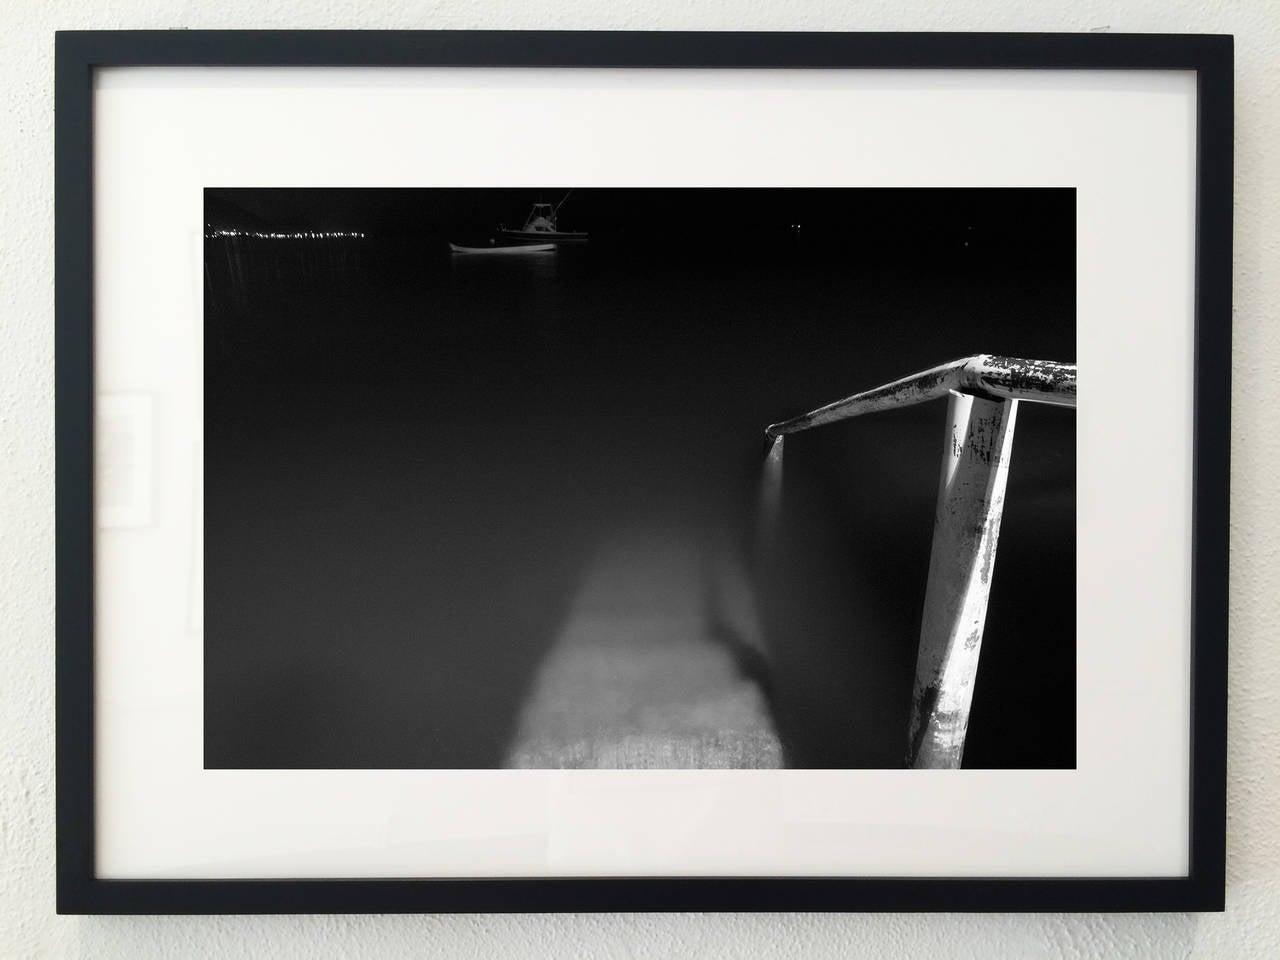 Deep Tropic I - Photograph by Brian Pearson